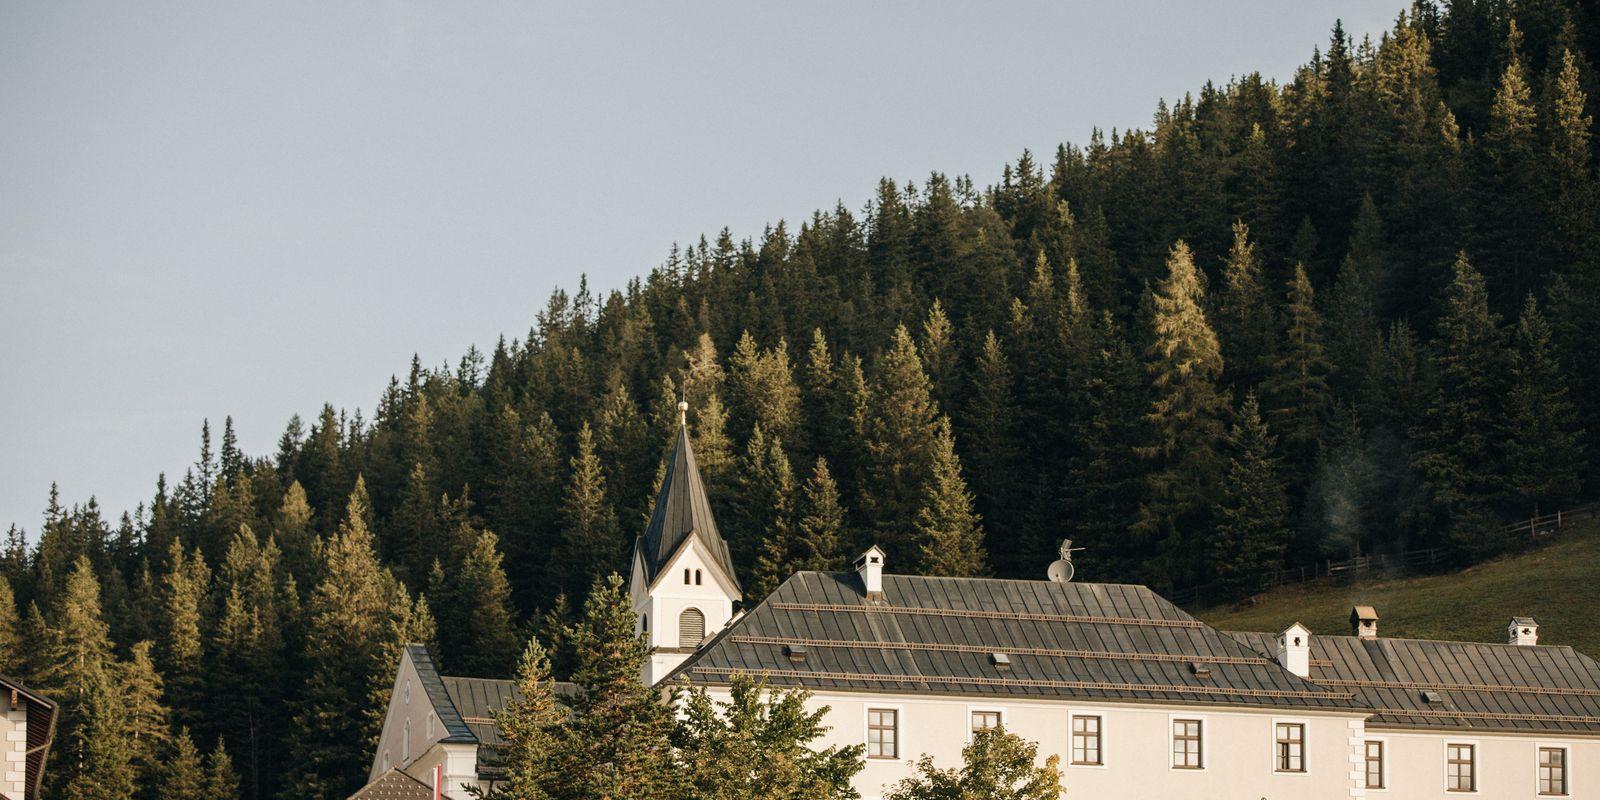 Waldrast Natur Resort